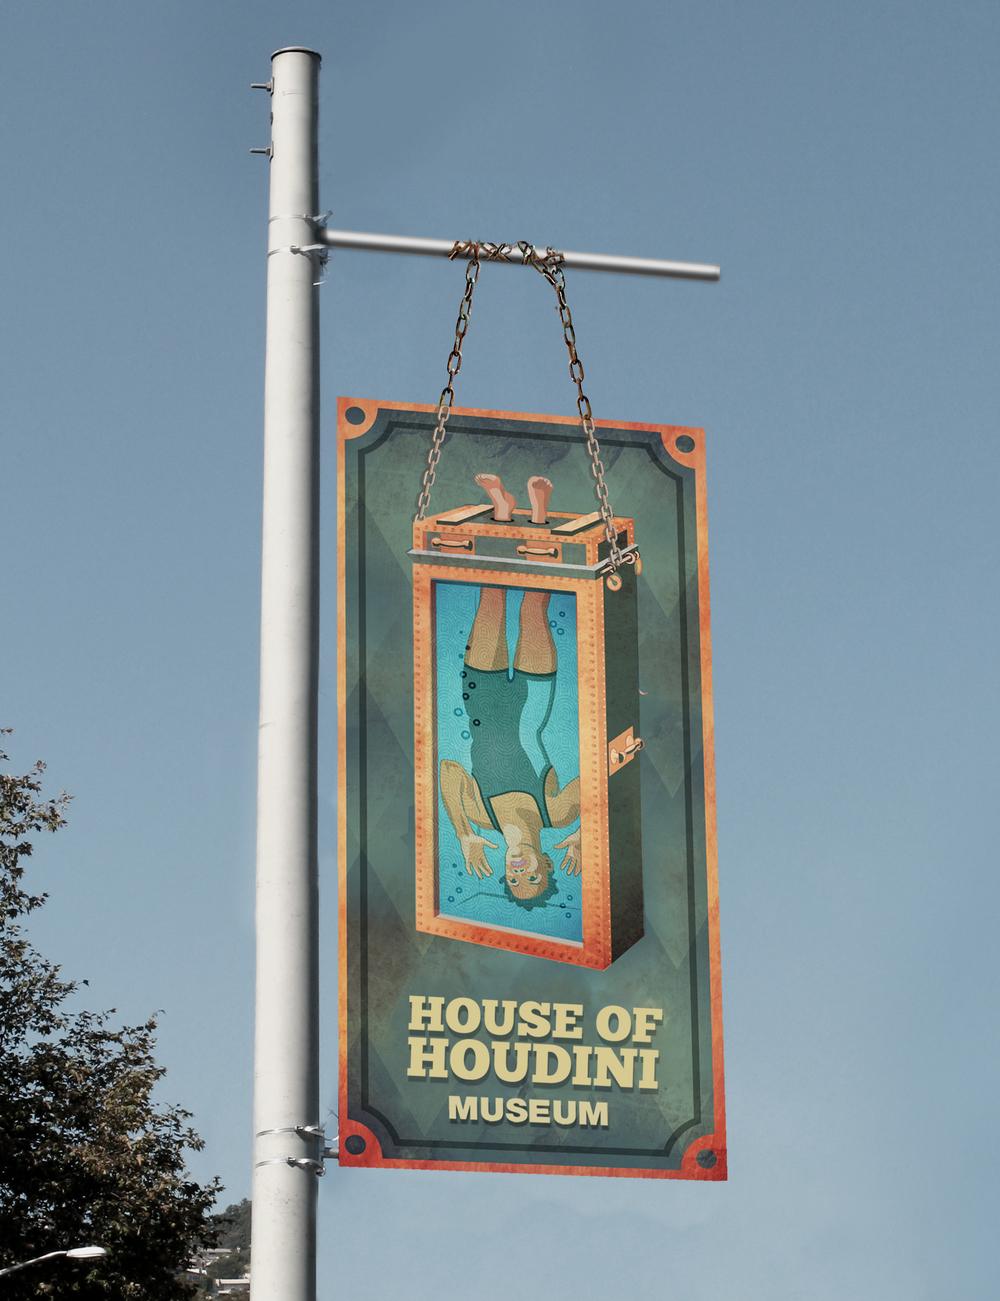 9-HoudiniMuseum.jpg